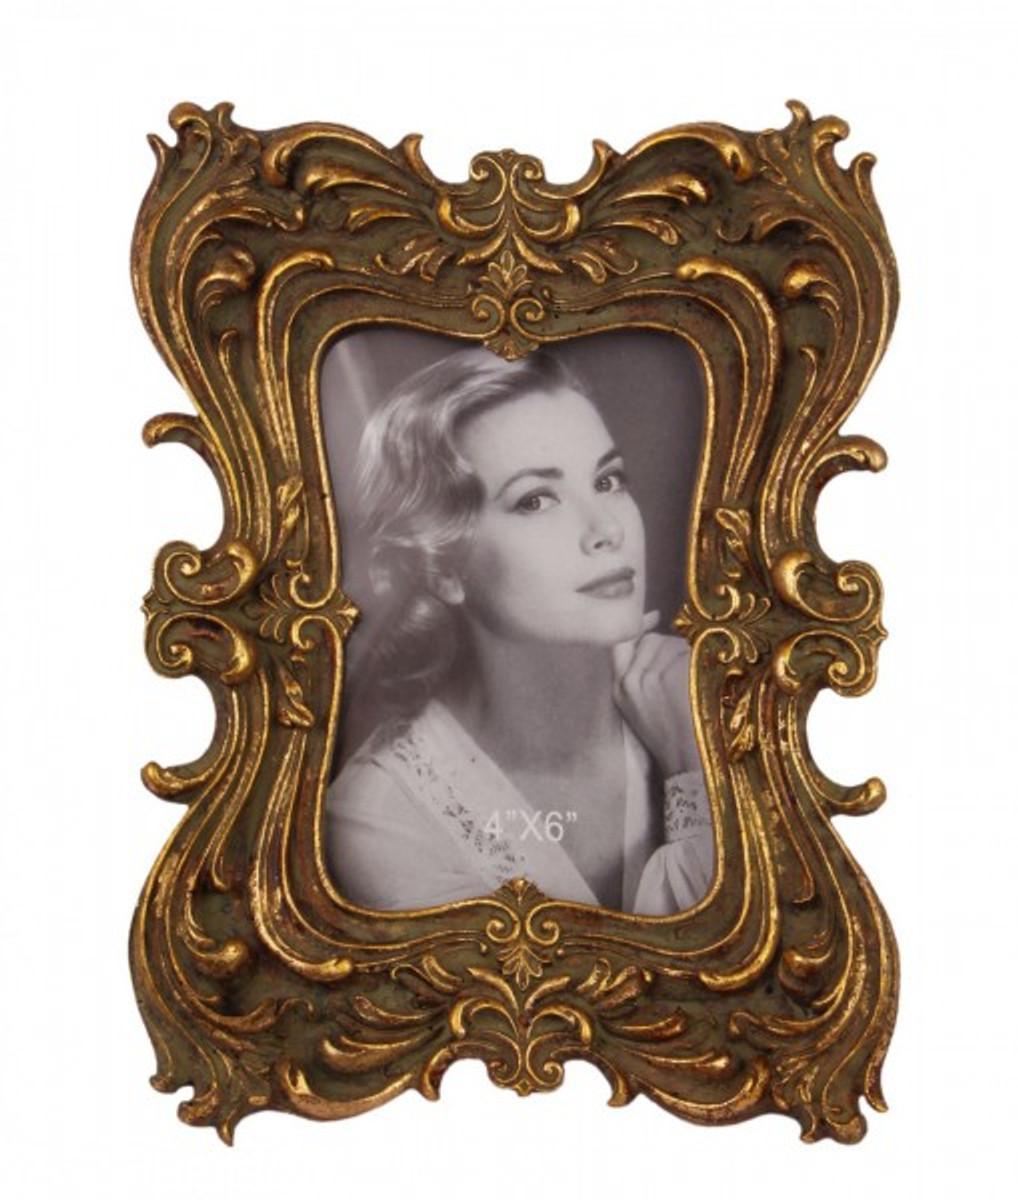 Vintage Fotorahmen für Fotos 4x6 im feinen geschwungener Bilderrahmen Design.